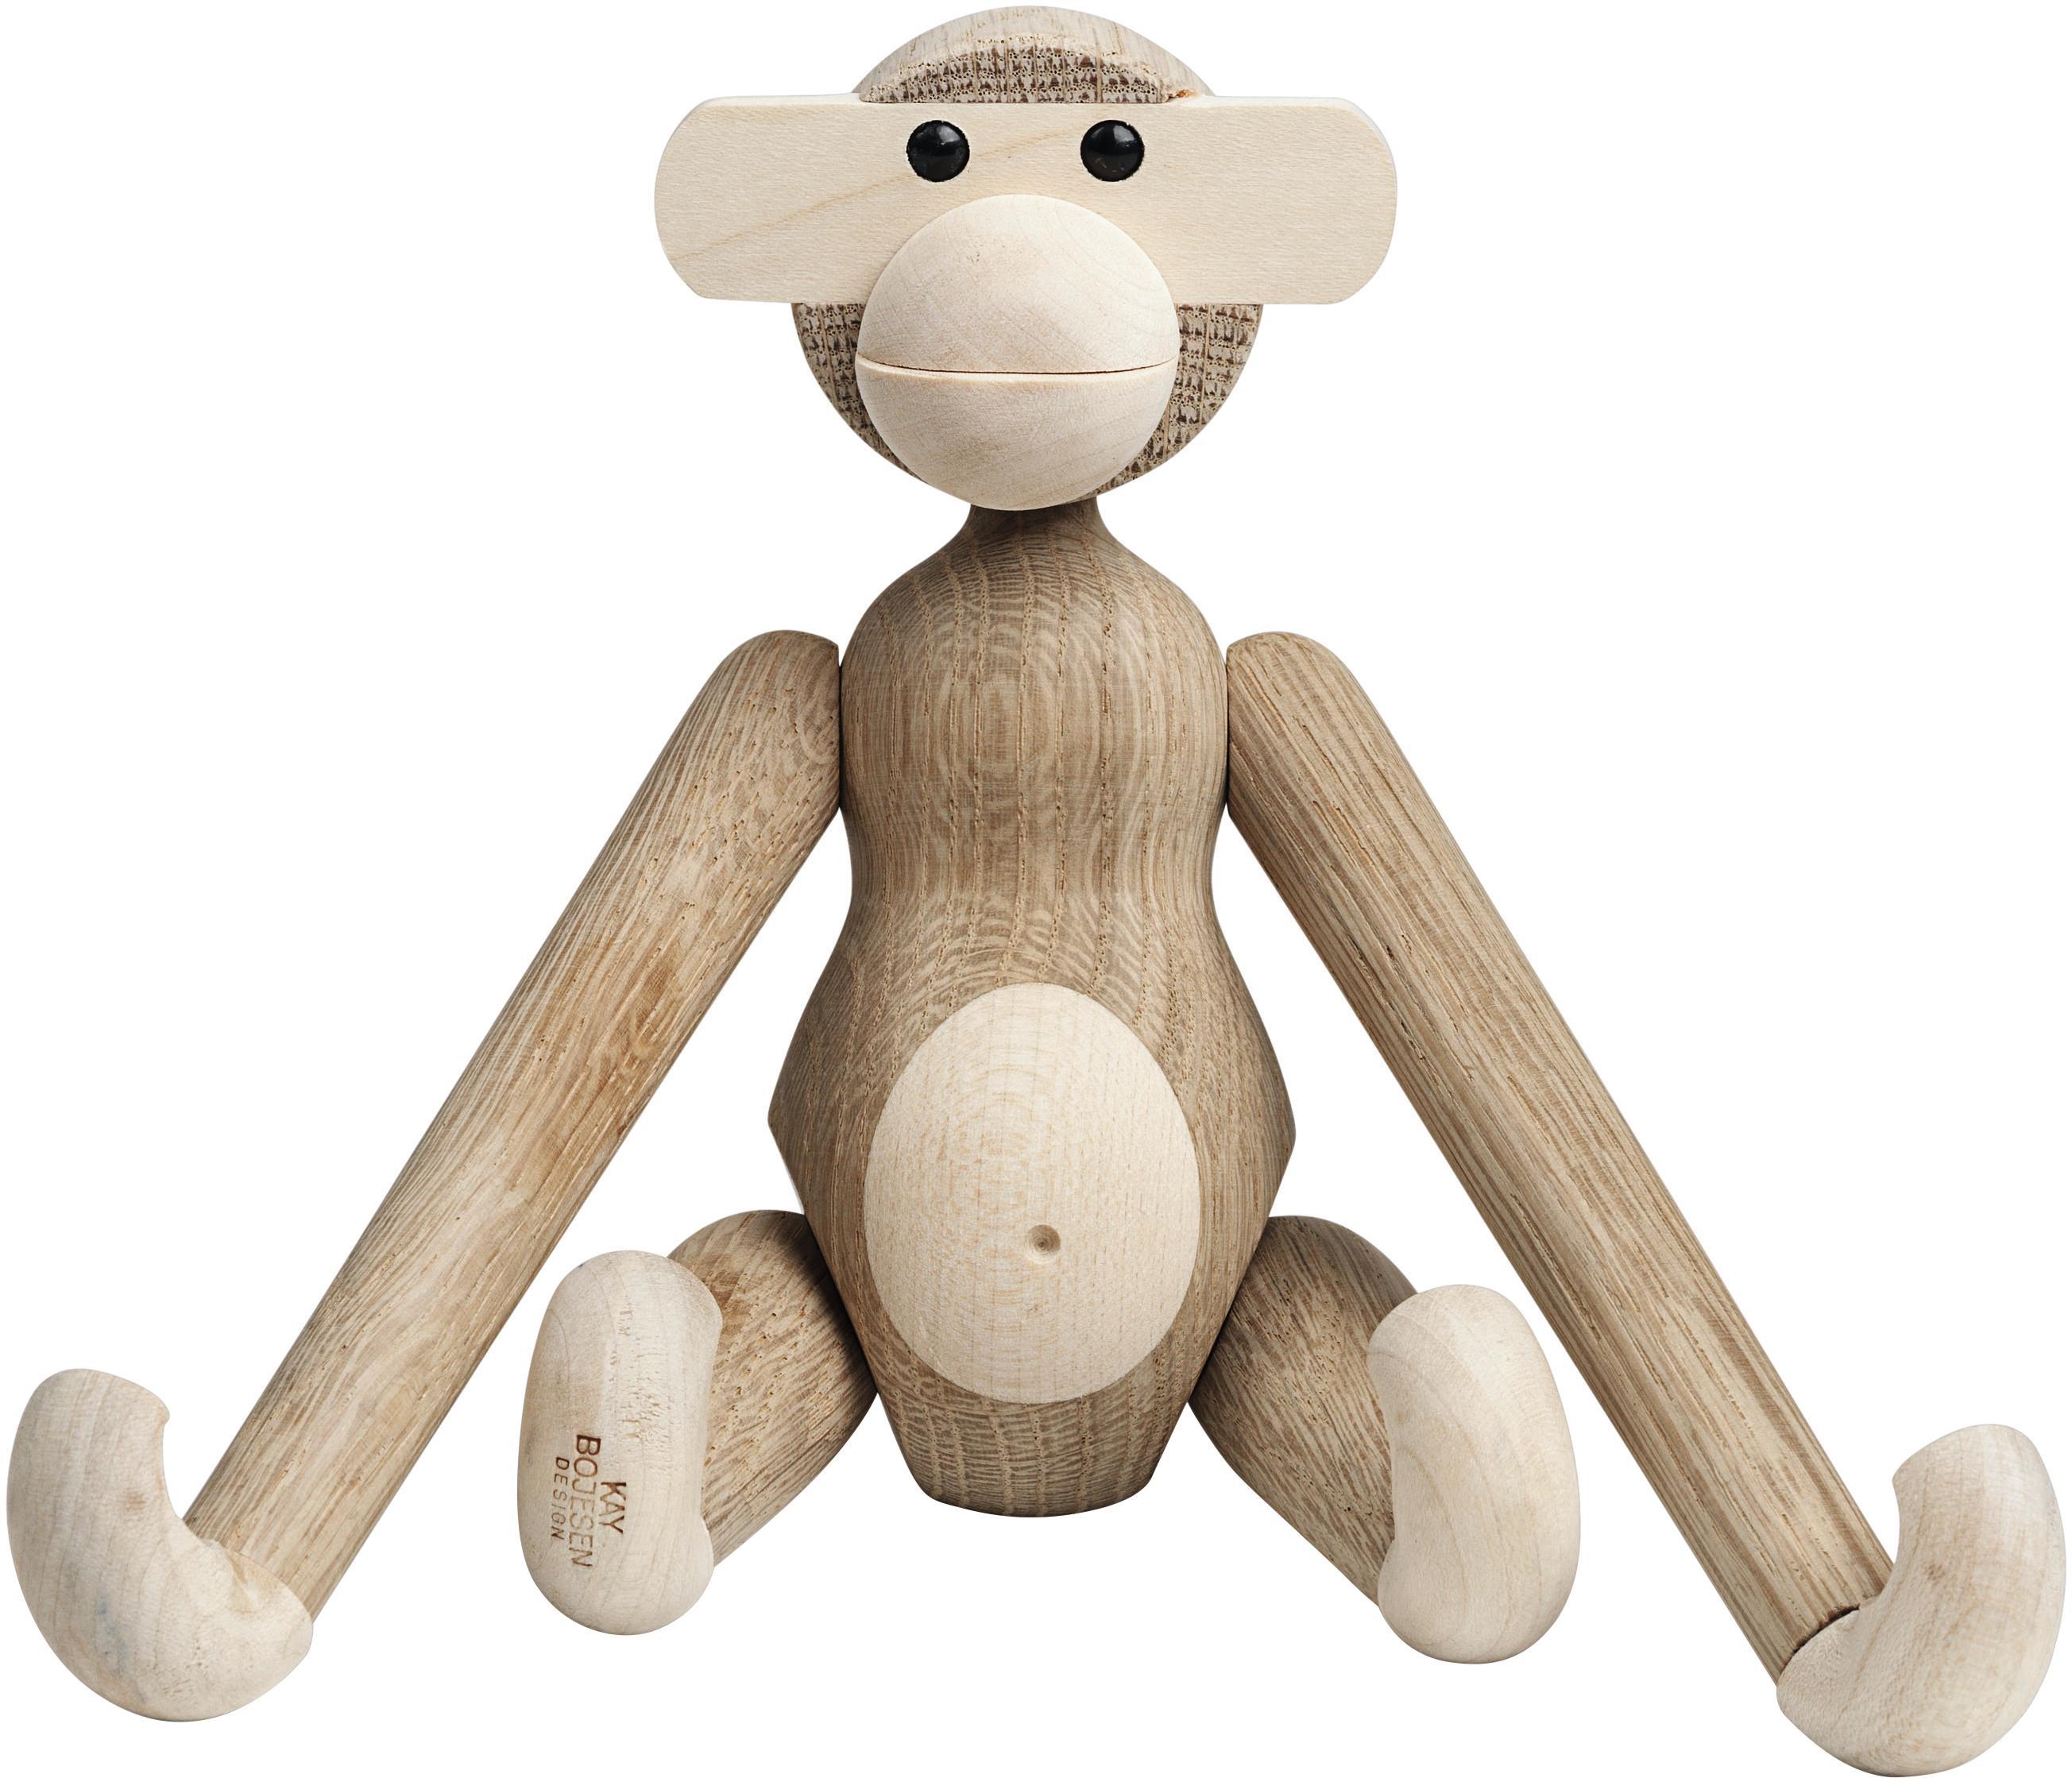 Dekoracja Monkey, drewno dębowe, Drewno dębowe, drewno klonowe, lakierowane, Drewno dębowe, drewno klonowe, S 20 x W 19 cm